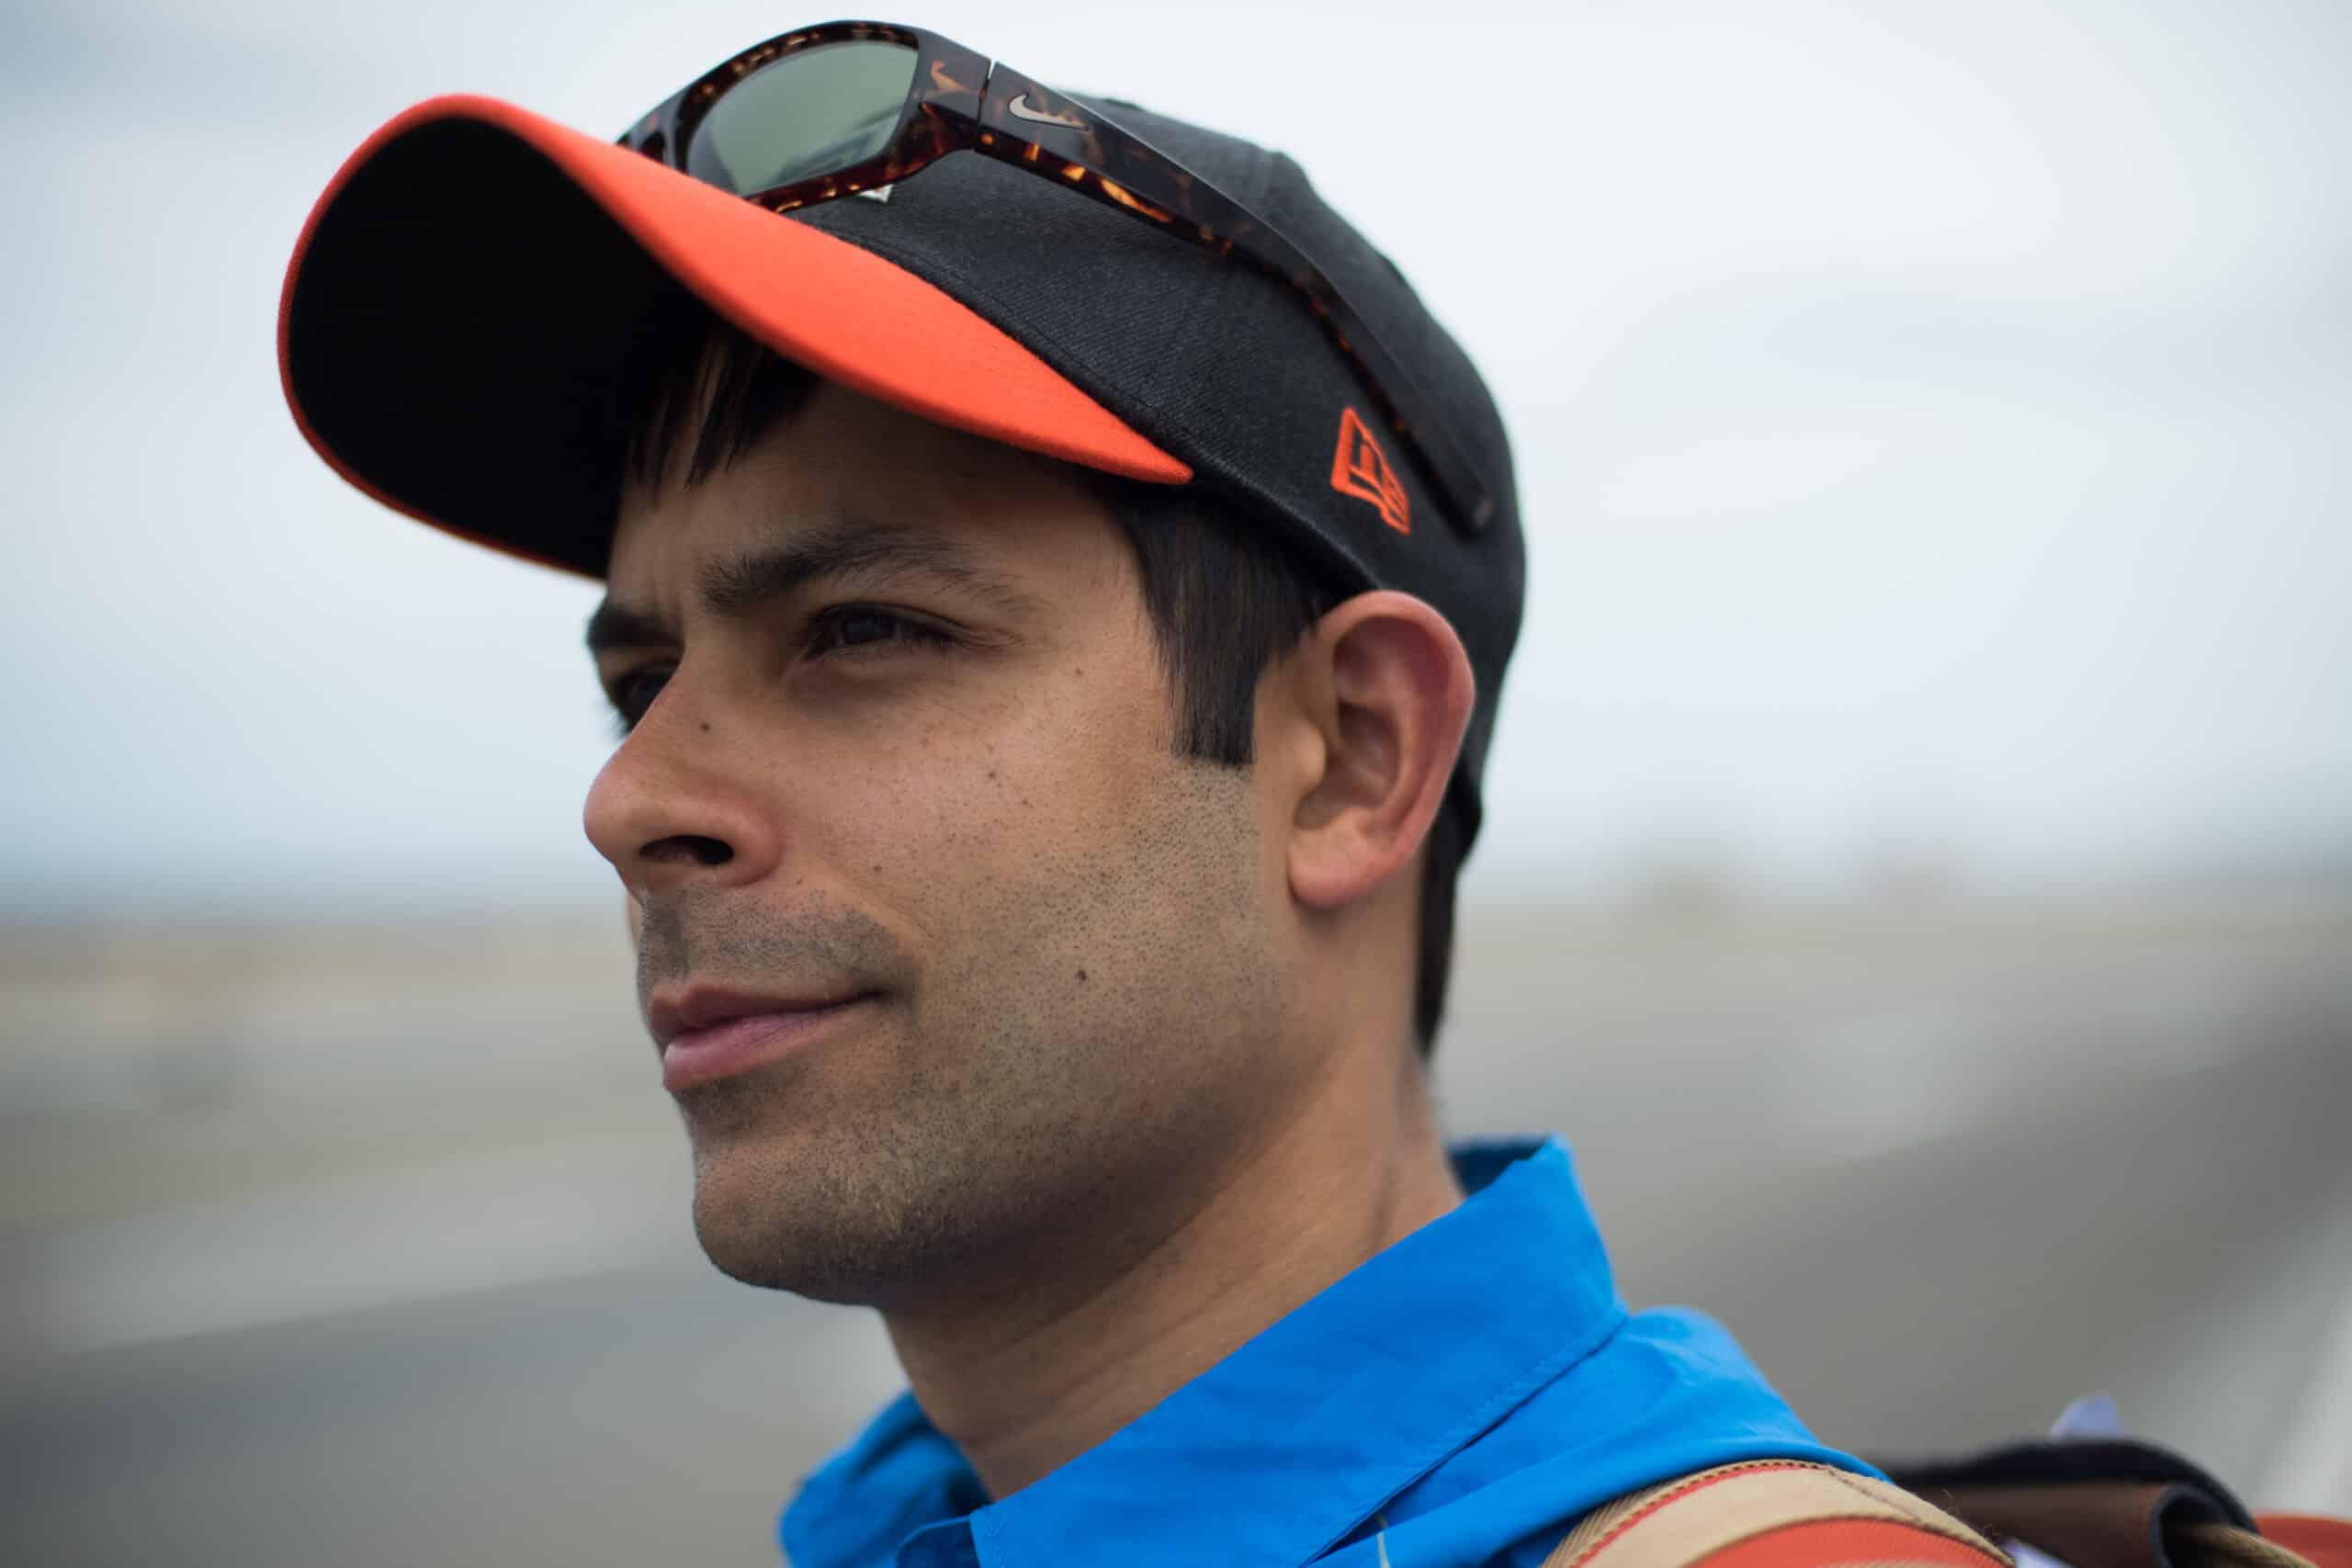 Marcelino Alvarez